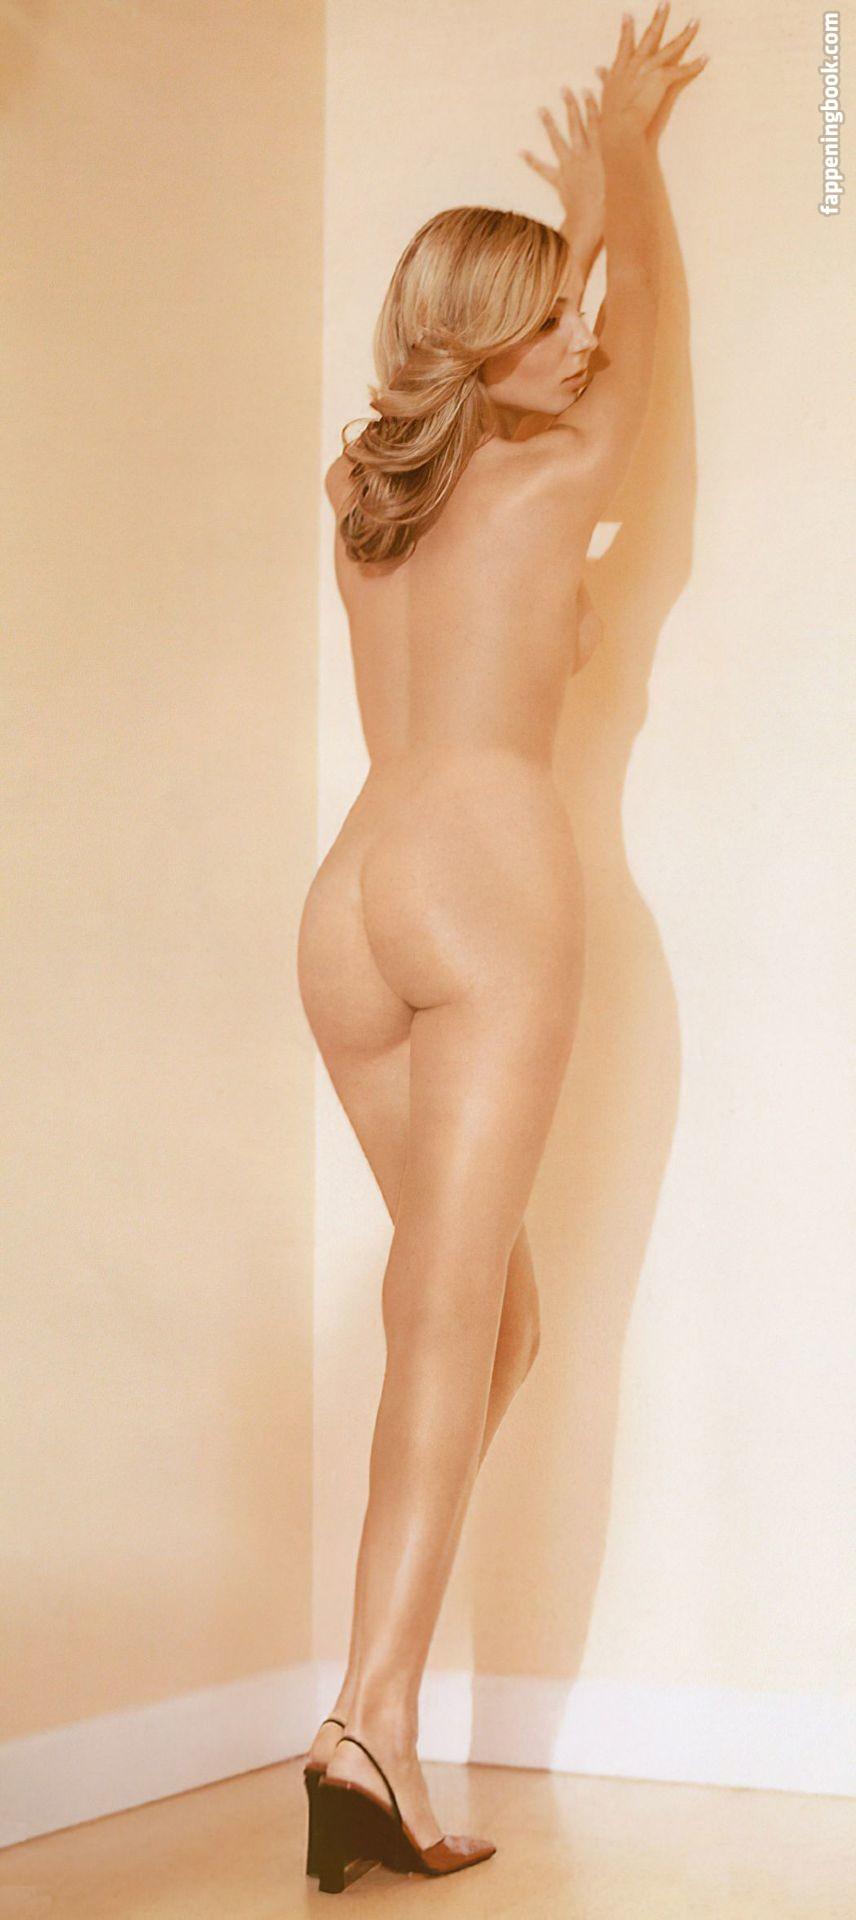 Alisa nackt Berhorst 'Young and